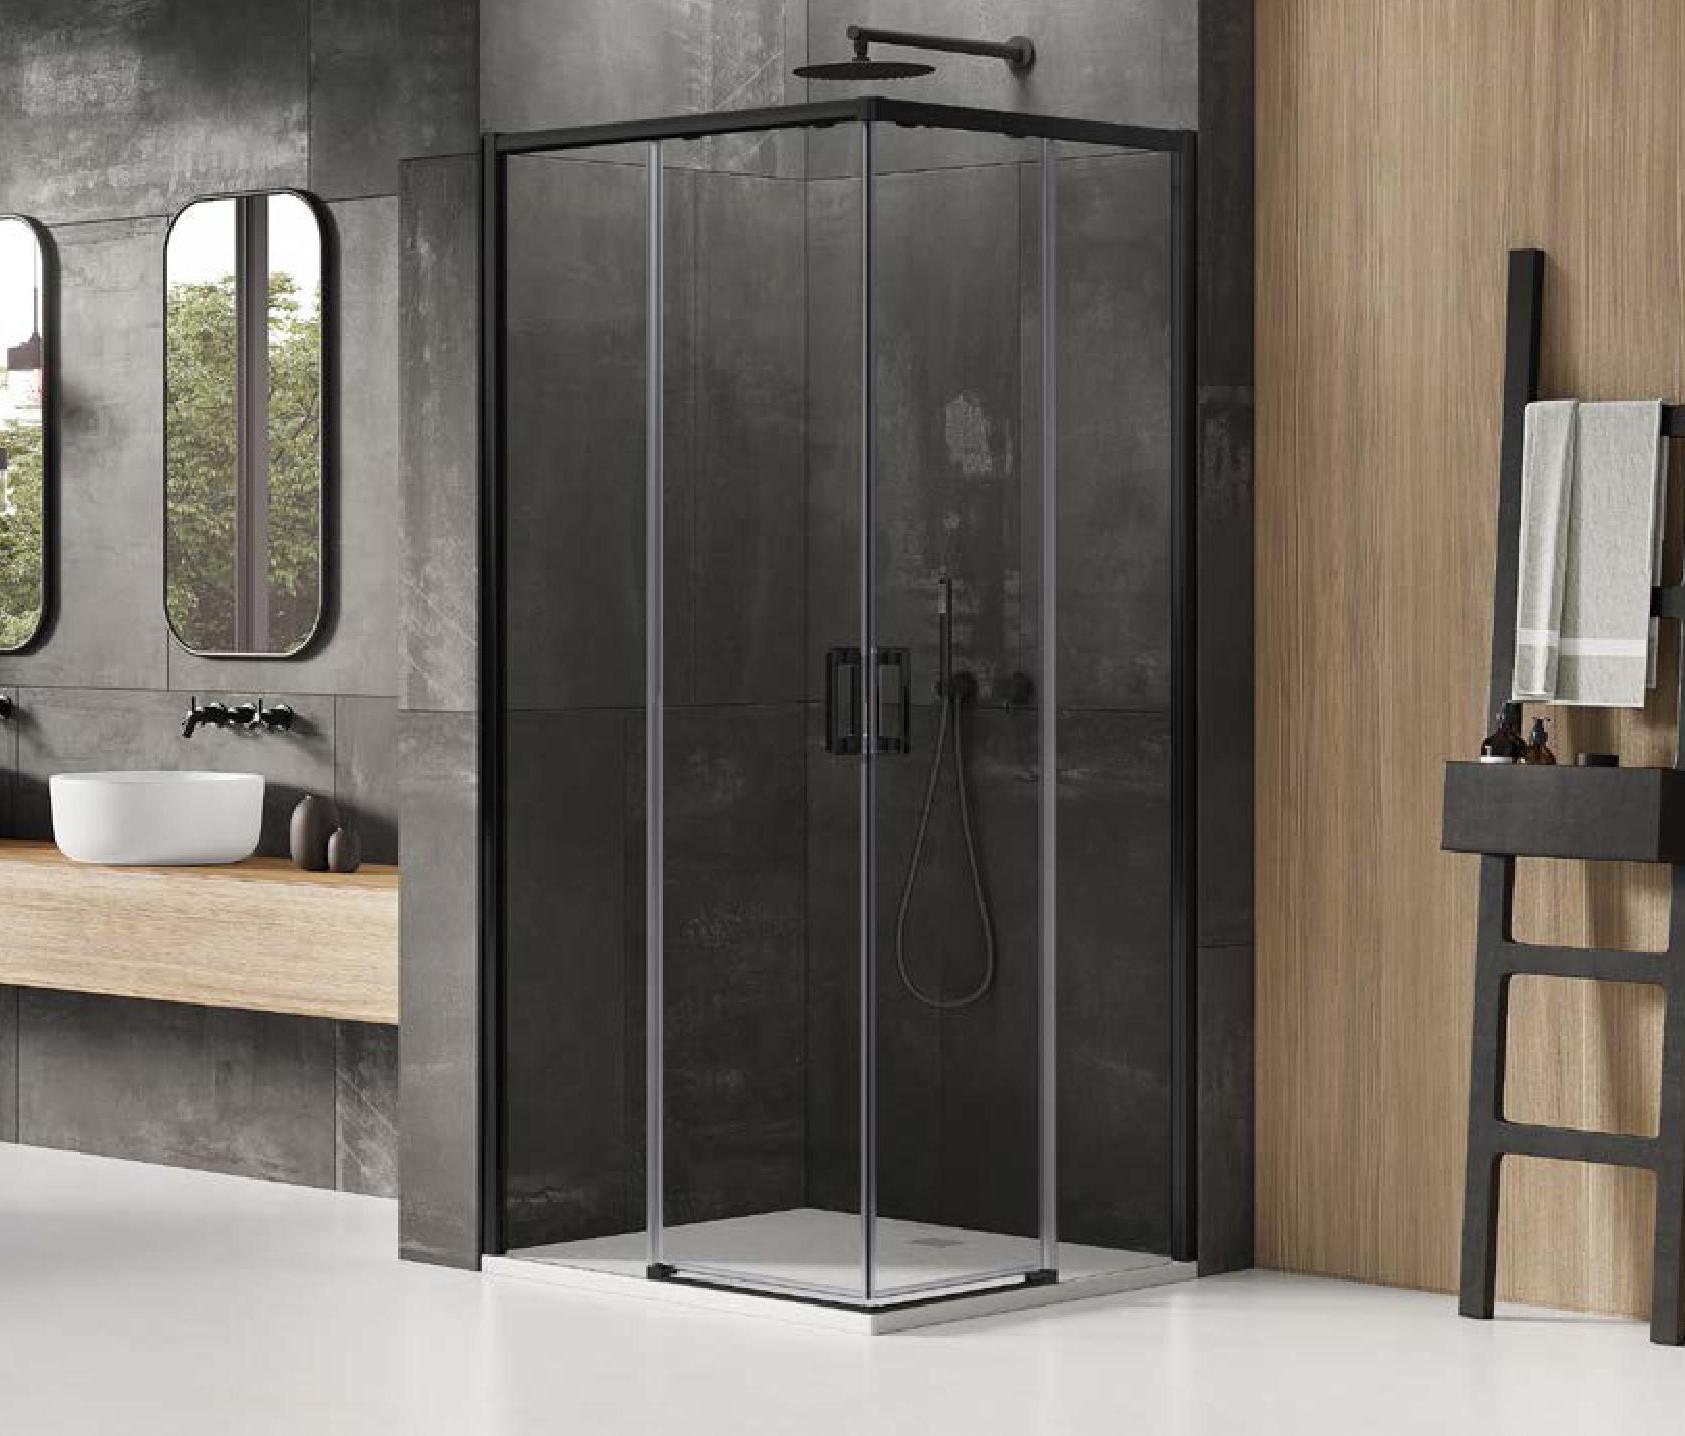 Elegancka i nowoczesna kabina Prime Black z drzwiami rozsuwanymi